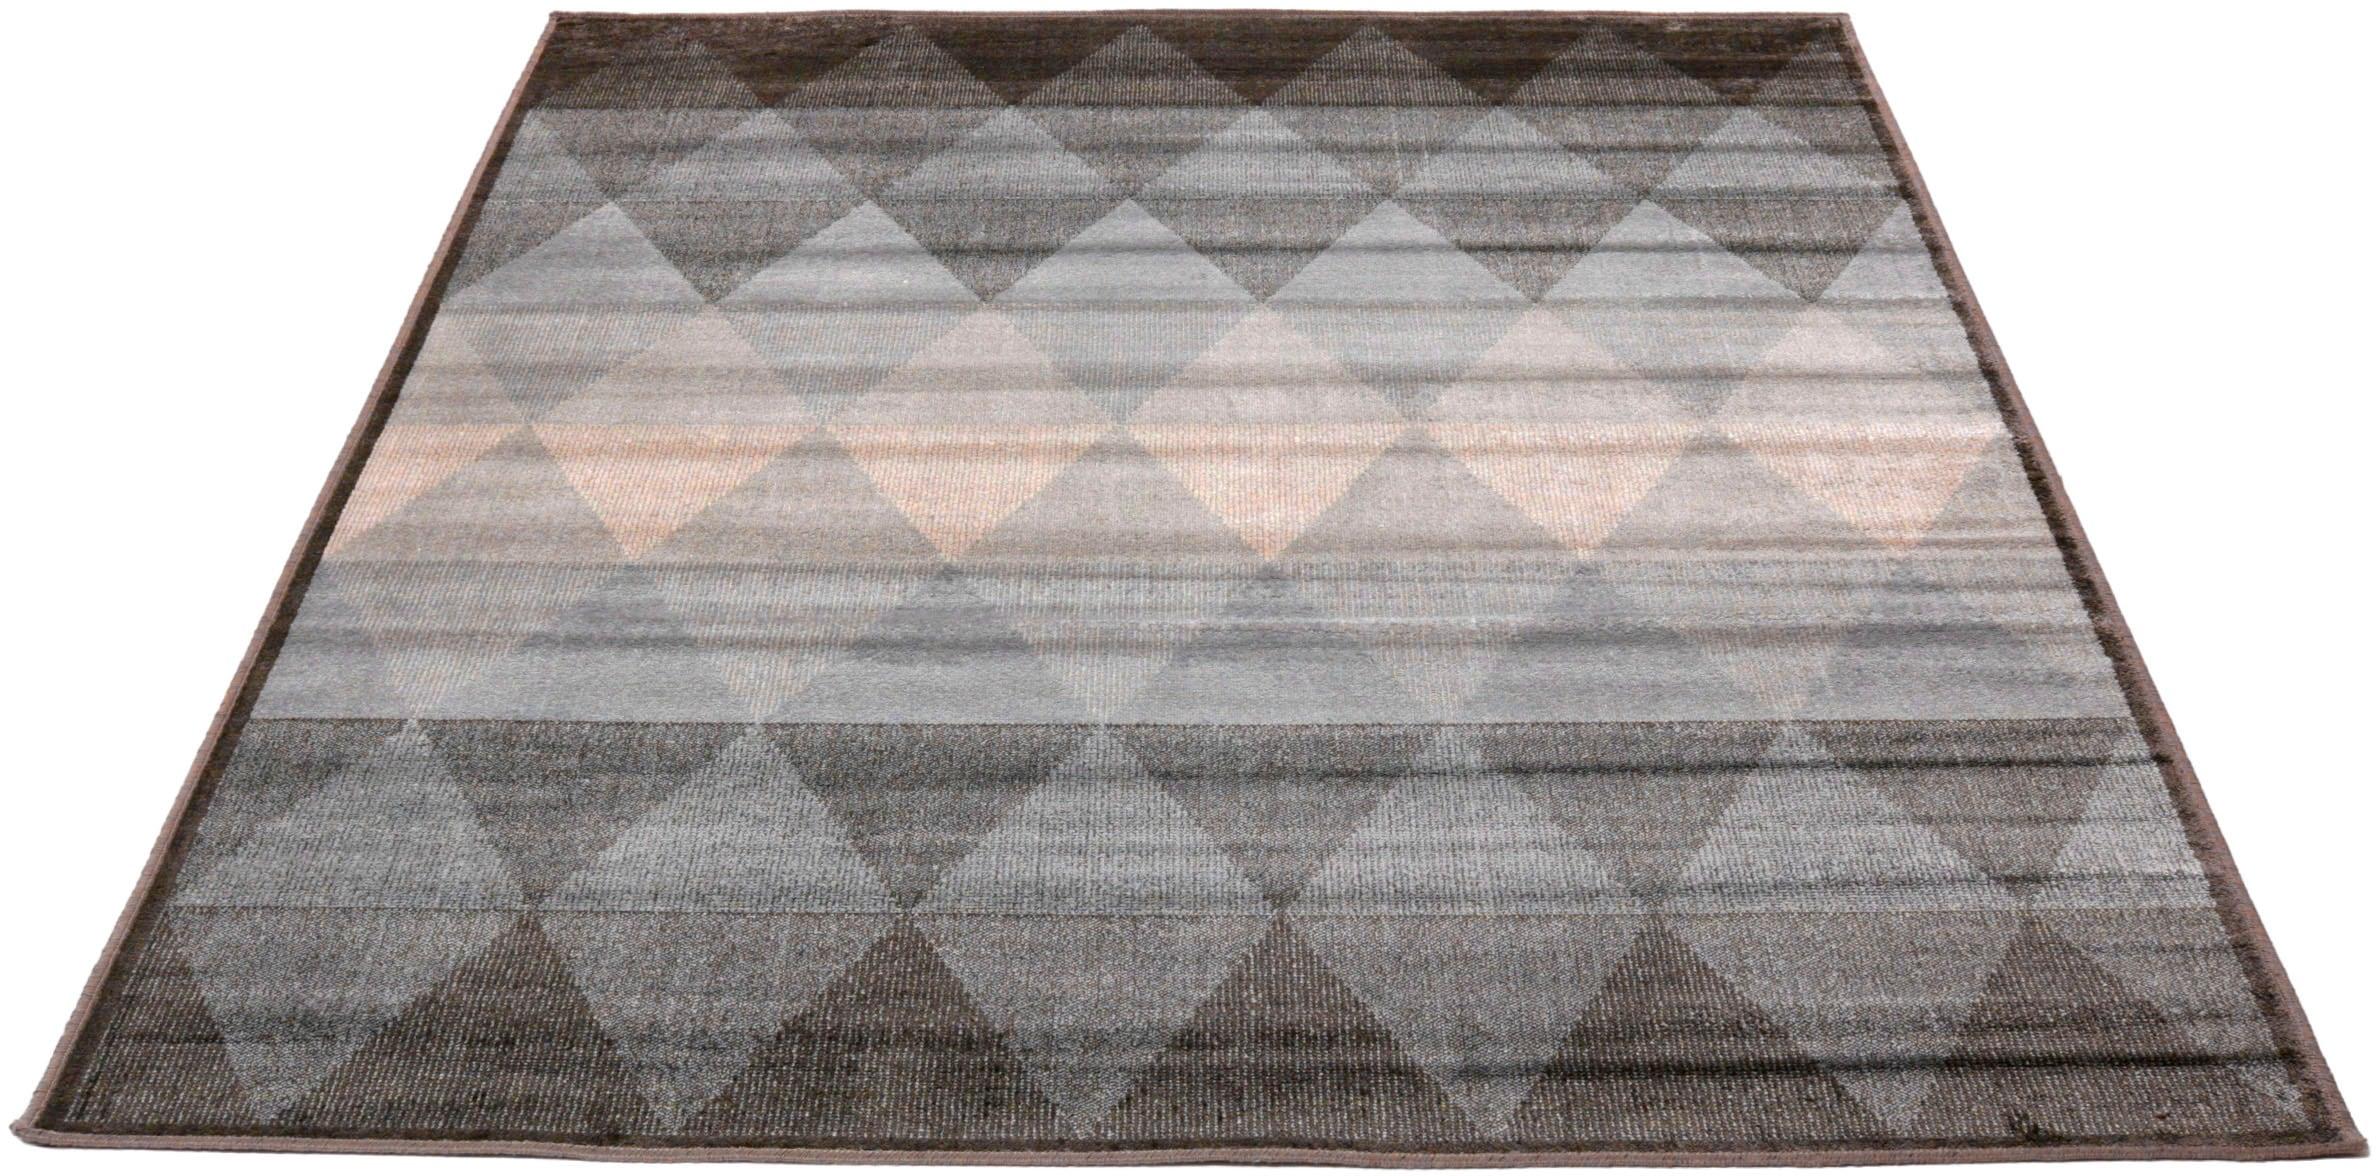 Living Line Teppich Clara Raute, rechteckig, 4 mm Höhe, Vintage Design, Sei günstig online kaufen